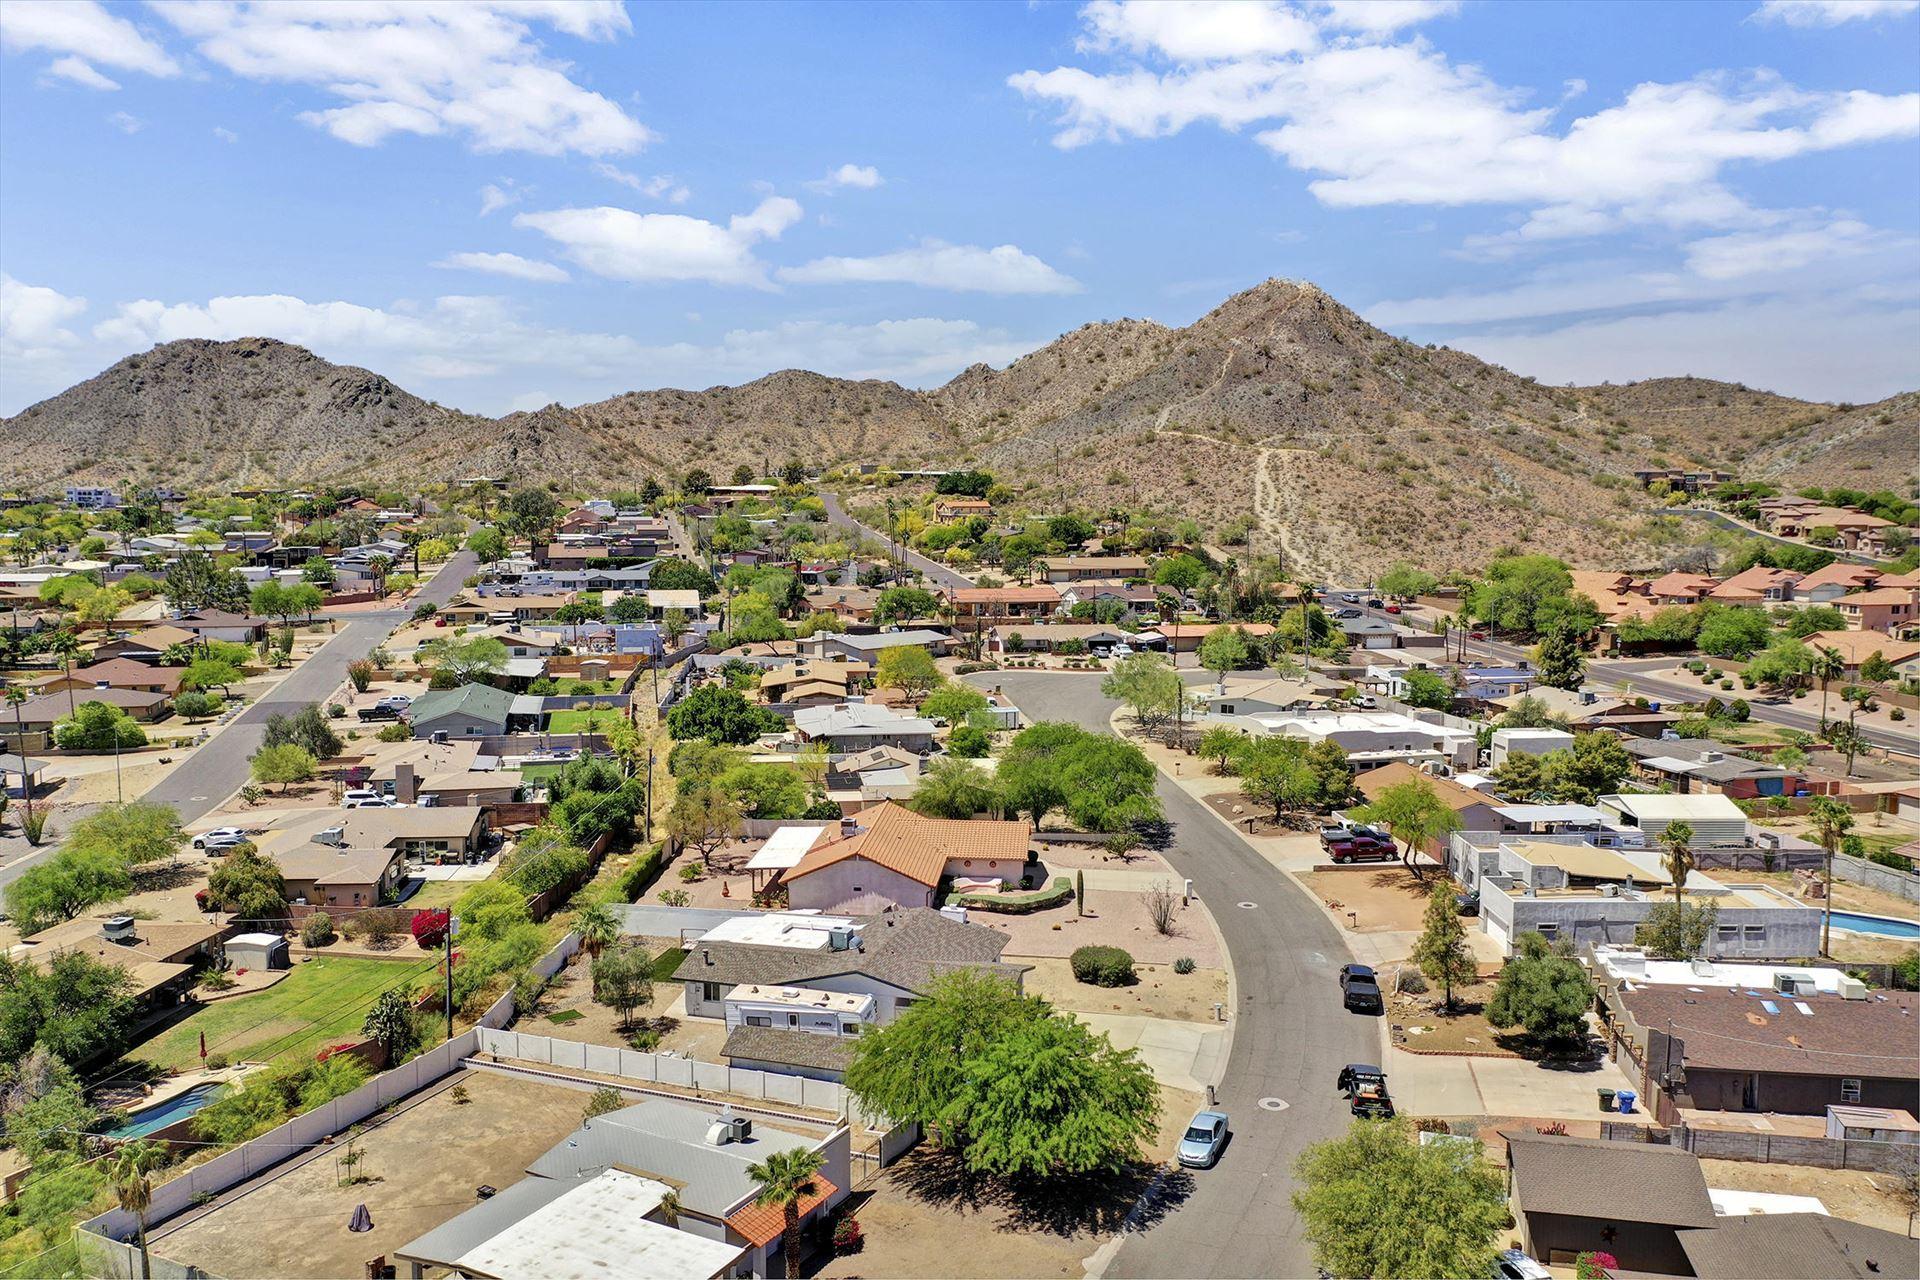 2859 E VOLTAIRE Avenue, Phoenix, AZ 85032 - MLS#: 6240425